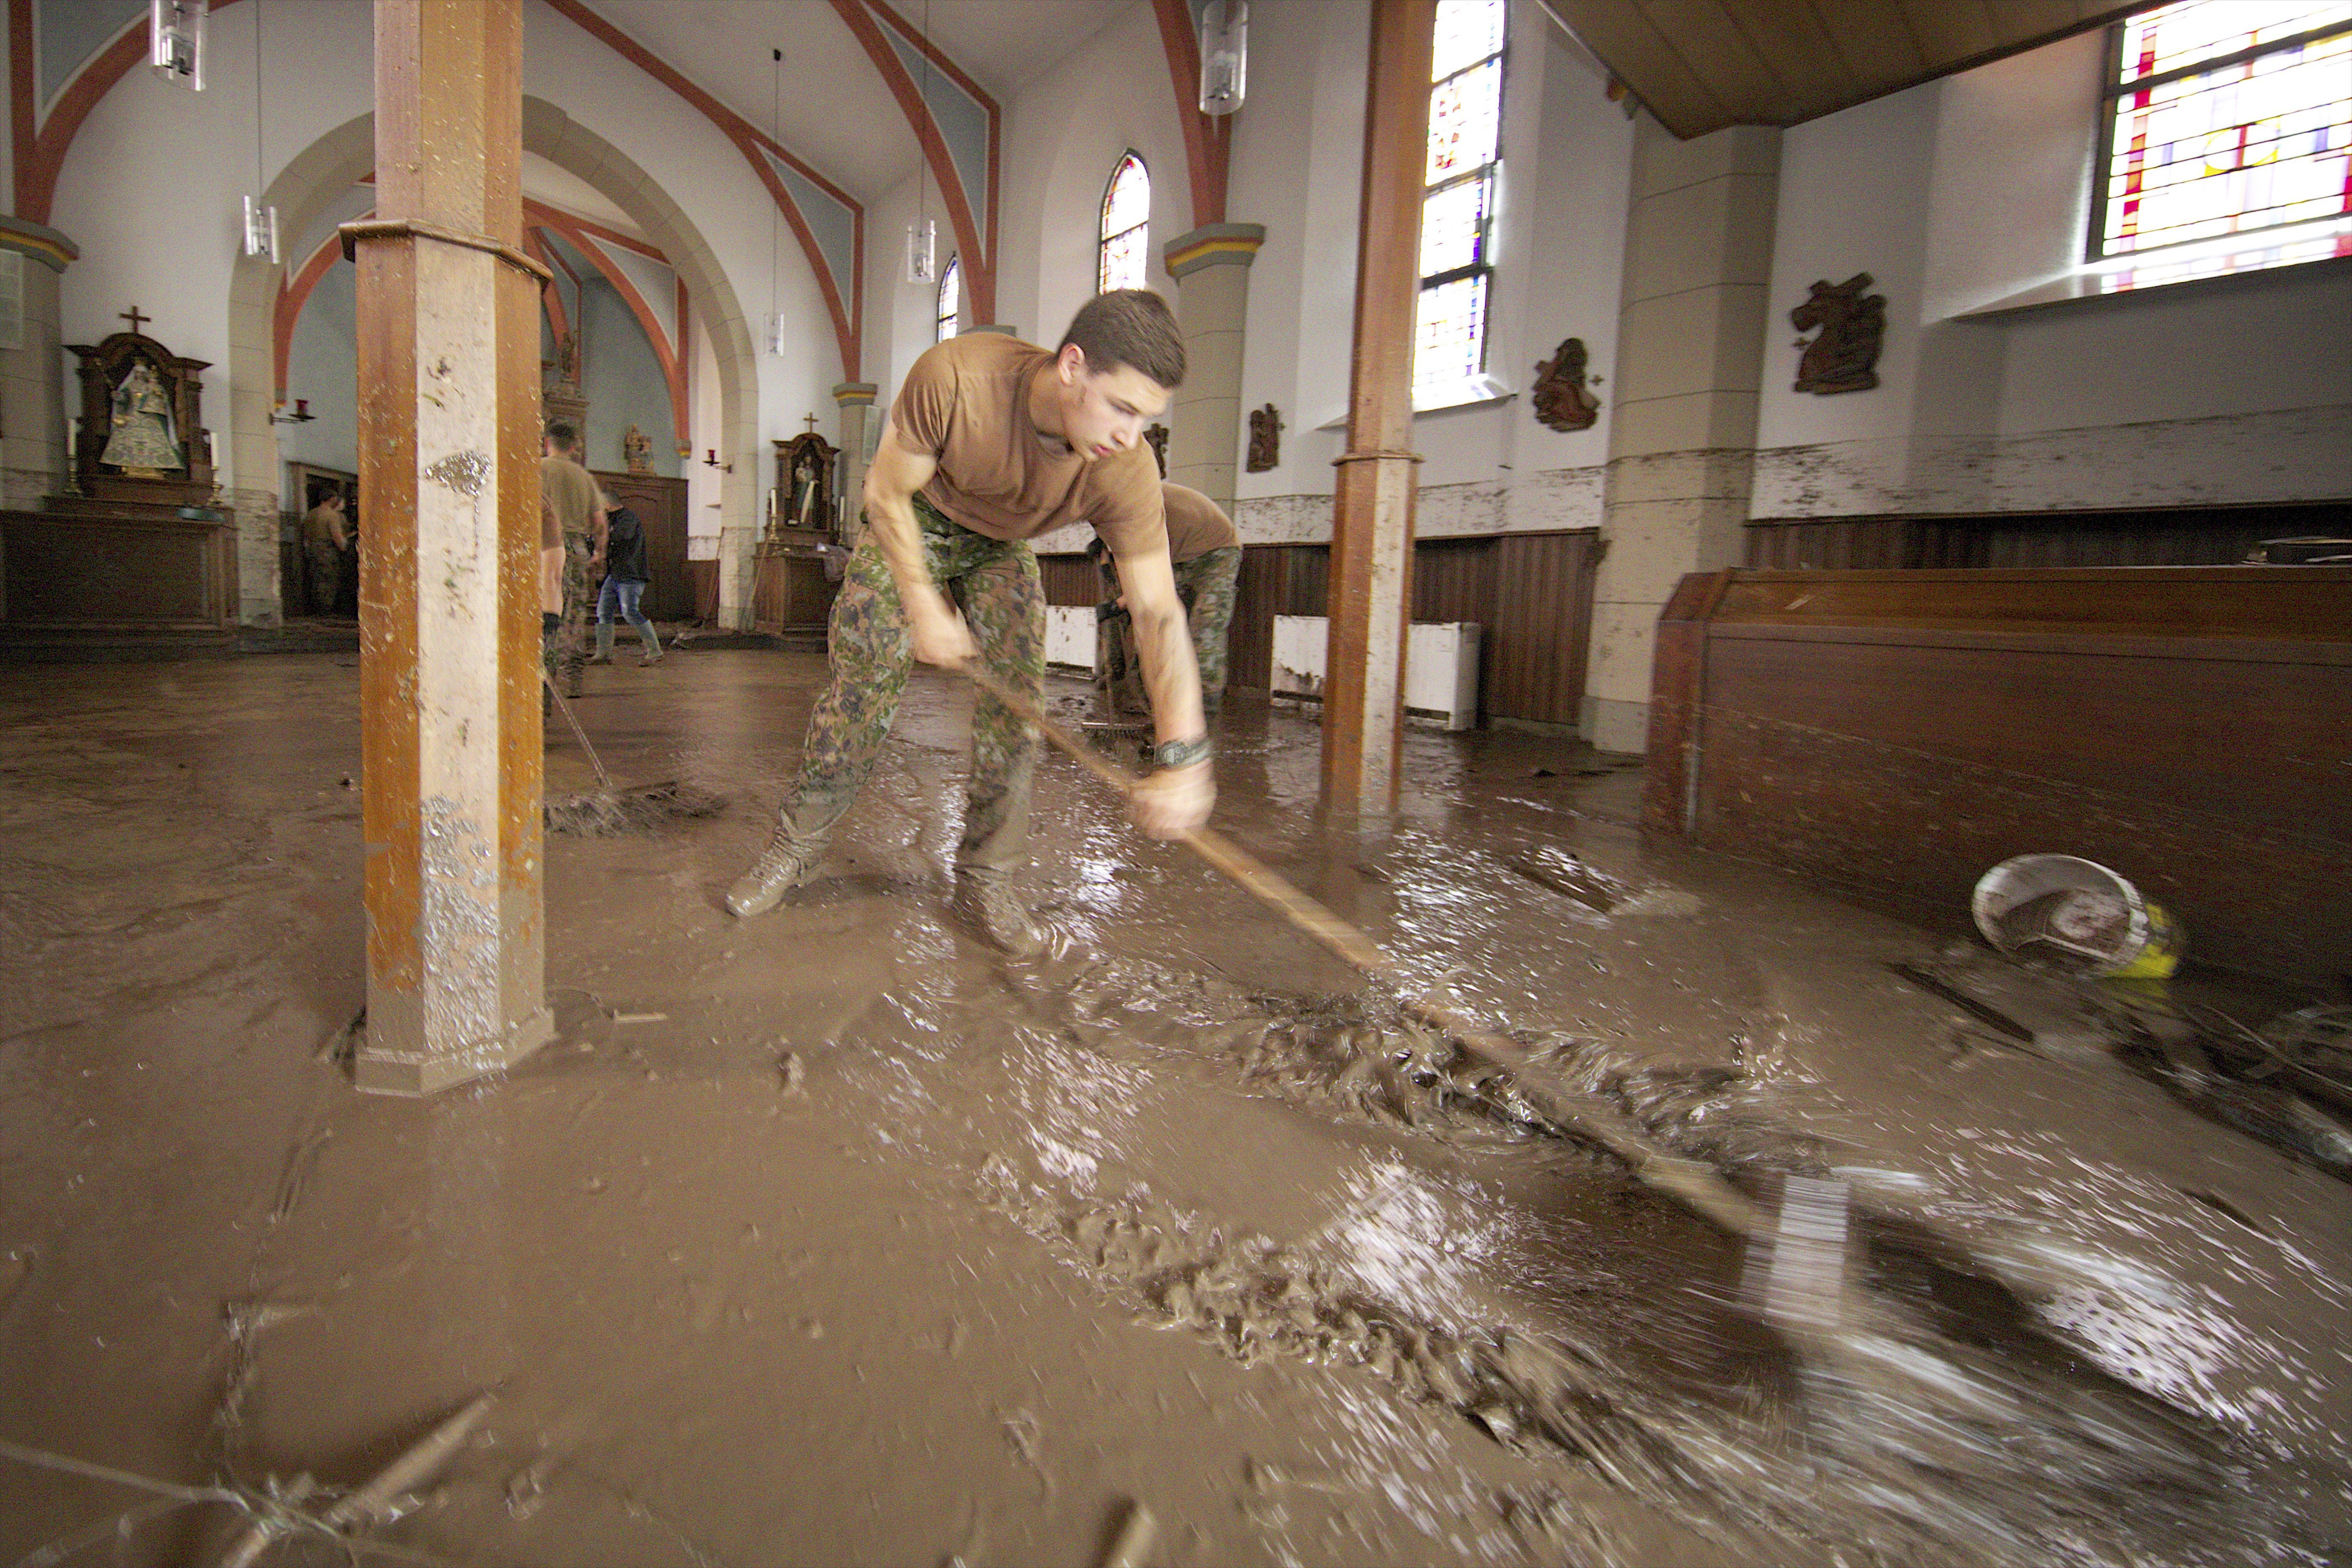 L'église d'Ermsdorf envahie de boue, ce samedi. Le village a été durement frappé par les pluies torrentielles qui sont tombées vendredi soir. (photo JC Ernst)